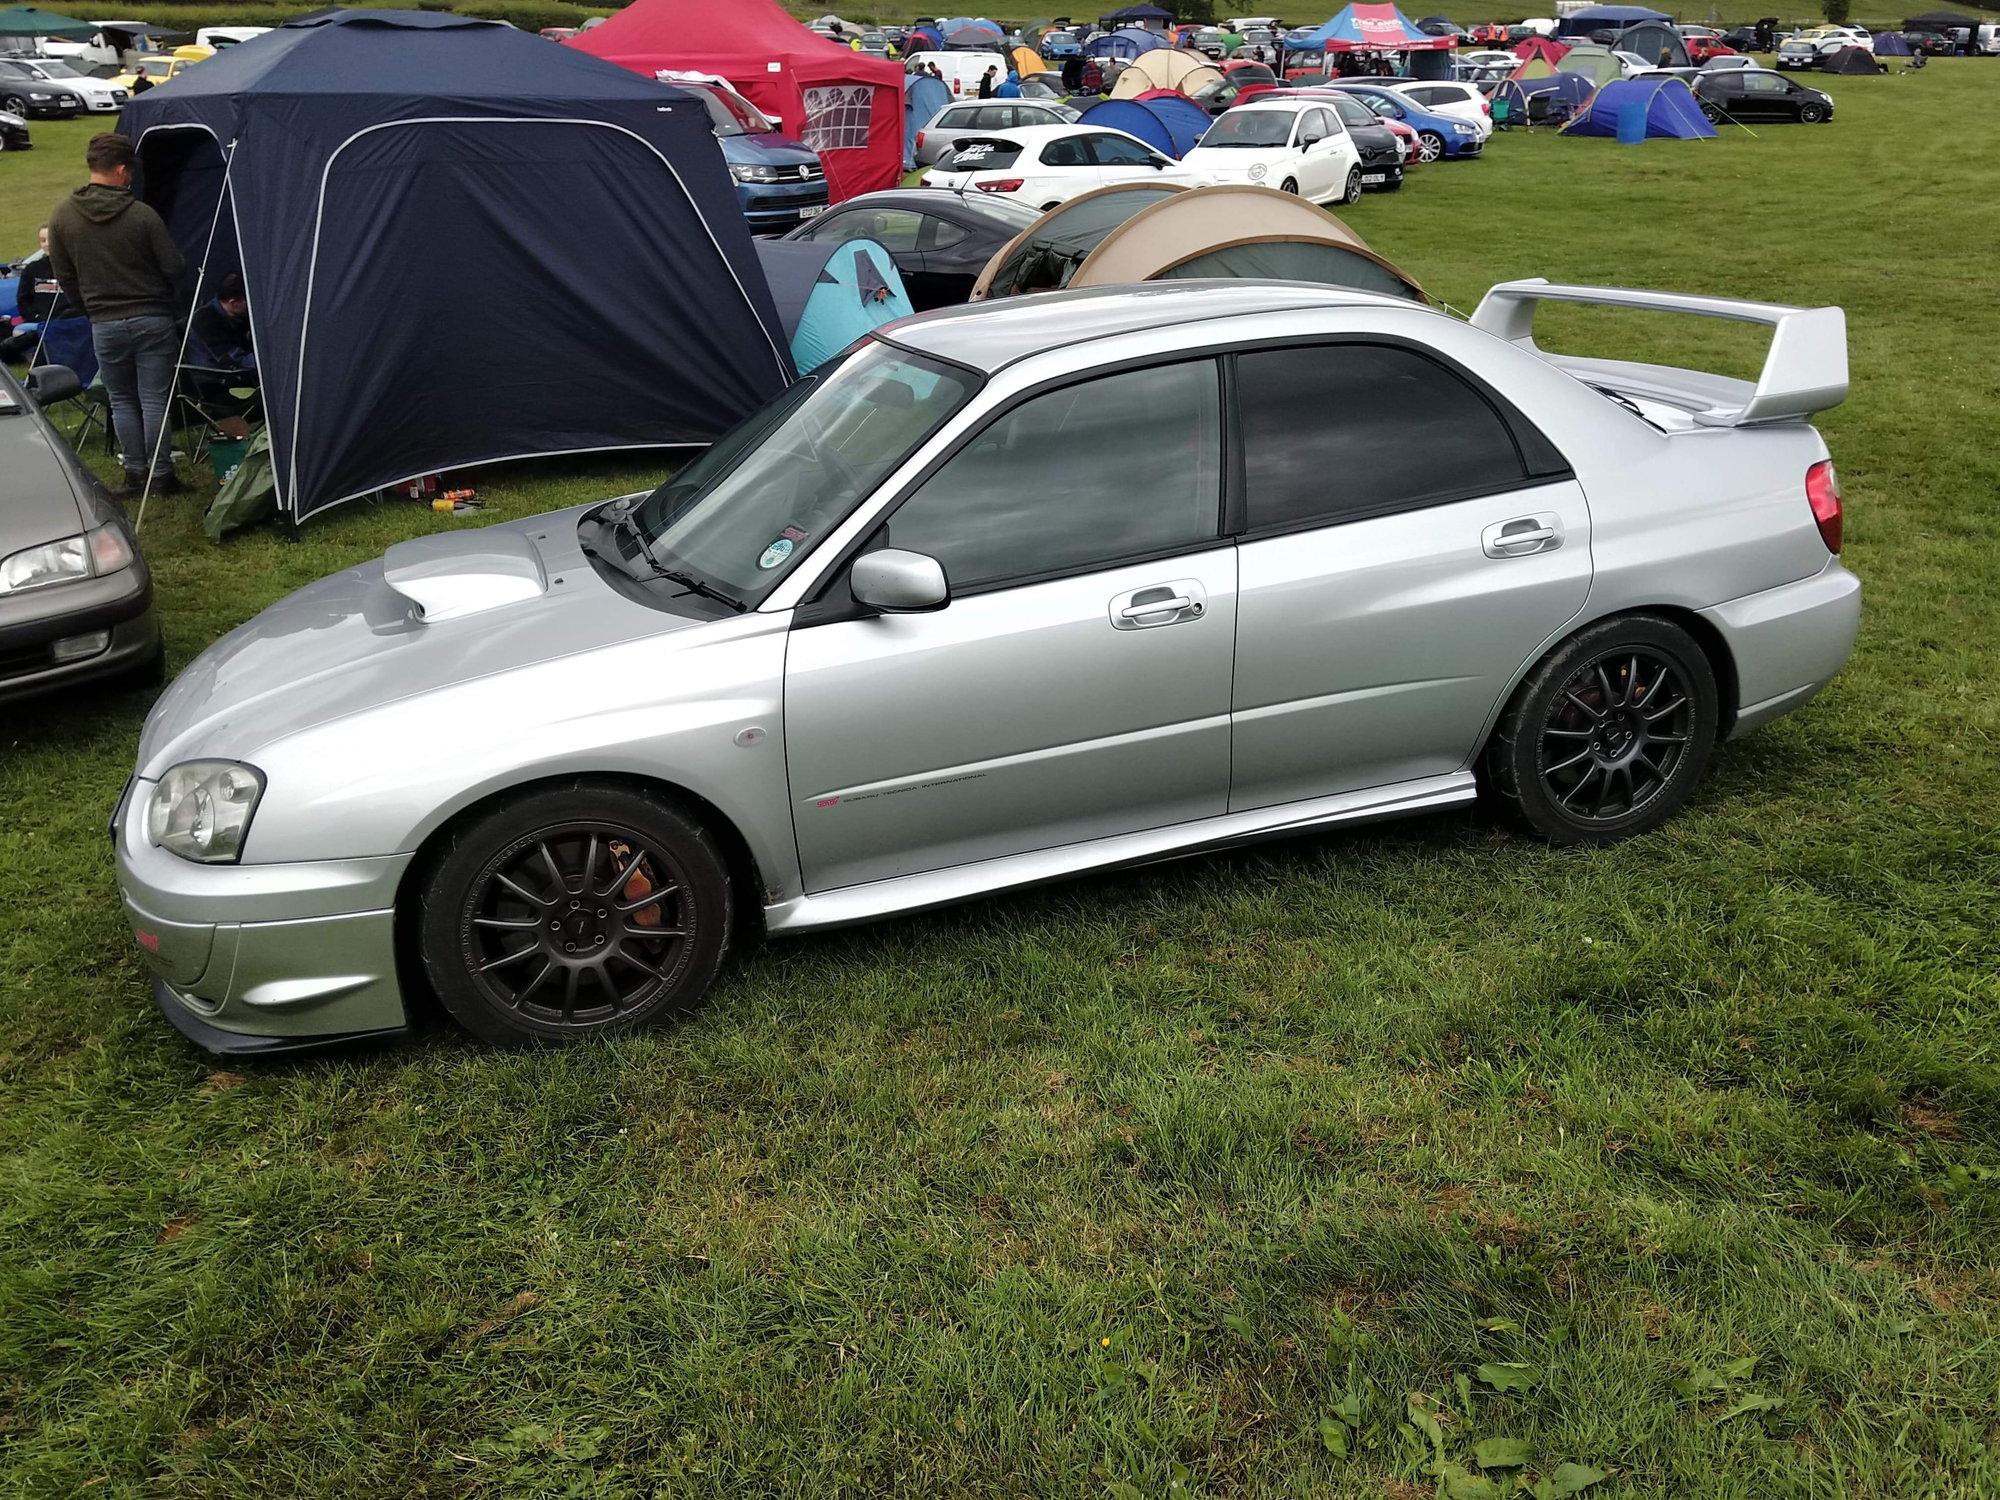 Carr Subaru Service >> ***FOR SALE SUBARU IMPREZA JDM WRX STI*** - ScoobyNet.com - Subaru Enthusiast Forum